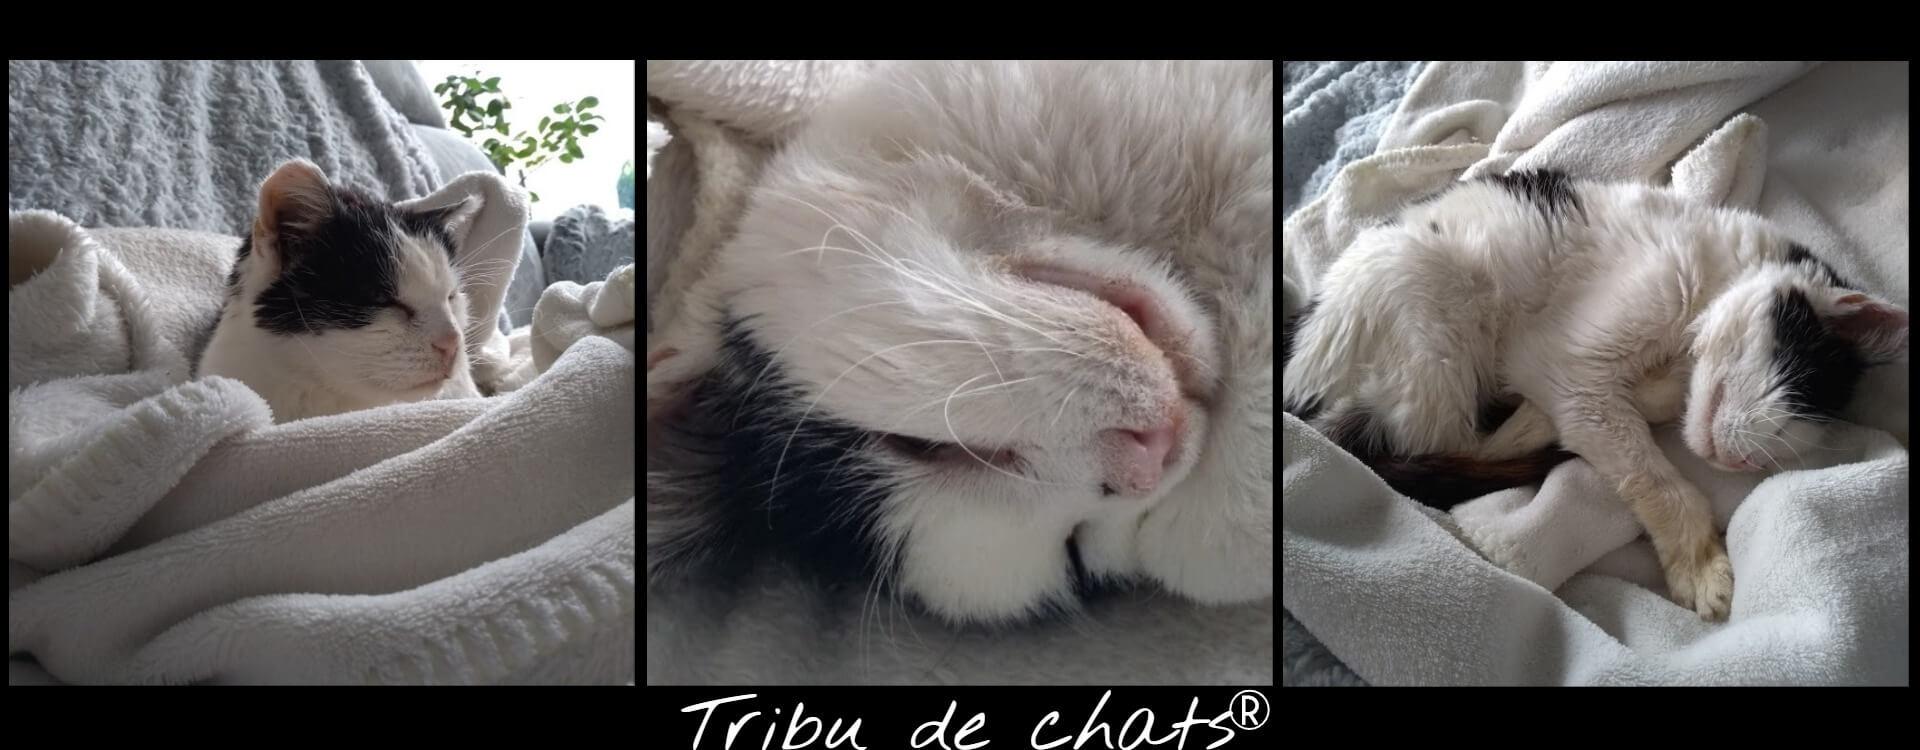 Joséphine_de_la_Tribu_de_chat_dans_le_canapé